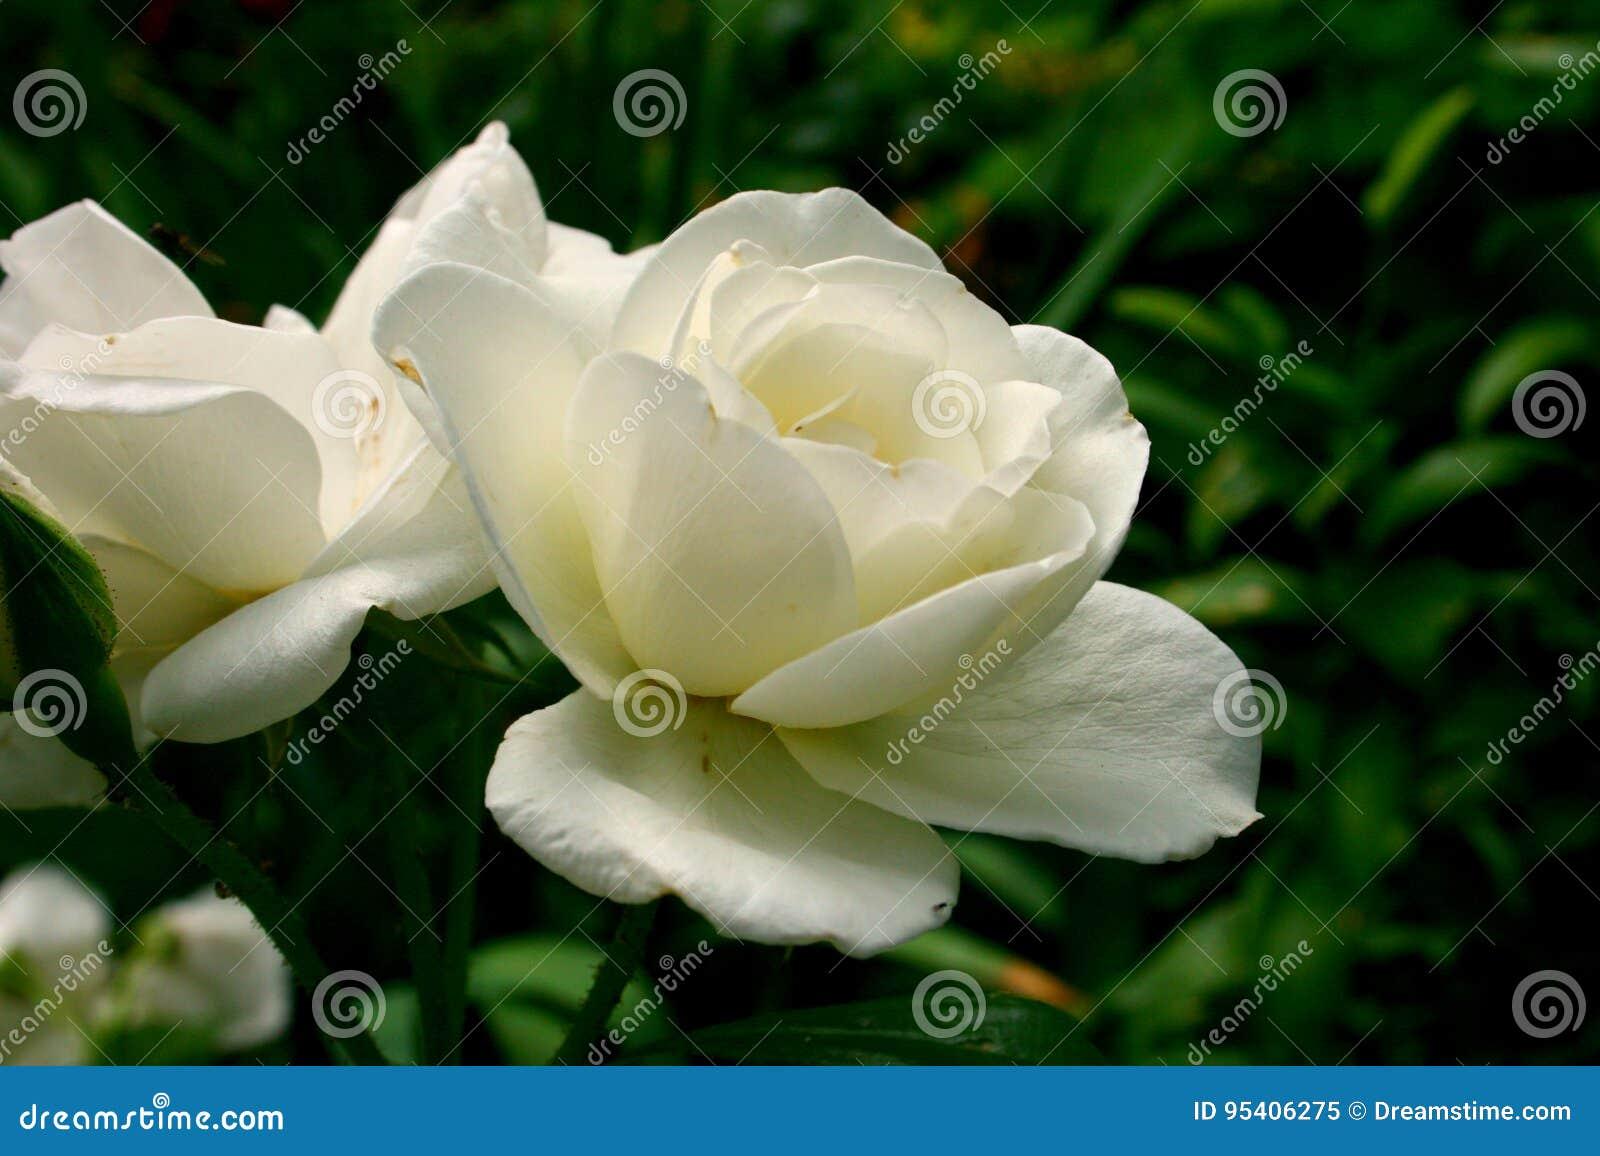 Weißrose, empfindliche Blumenblätter der weißen Blume